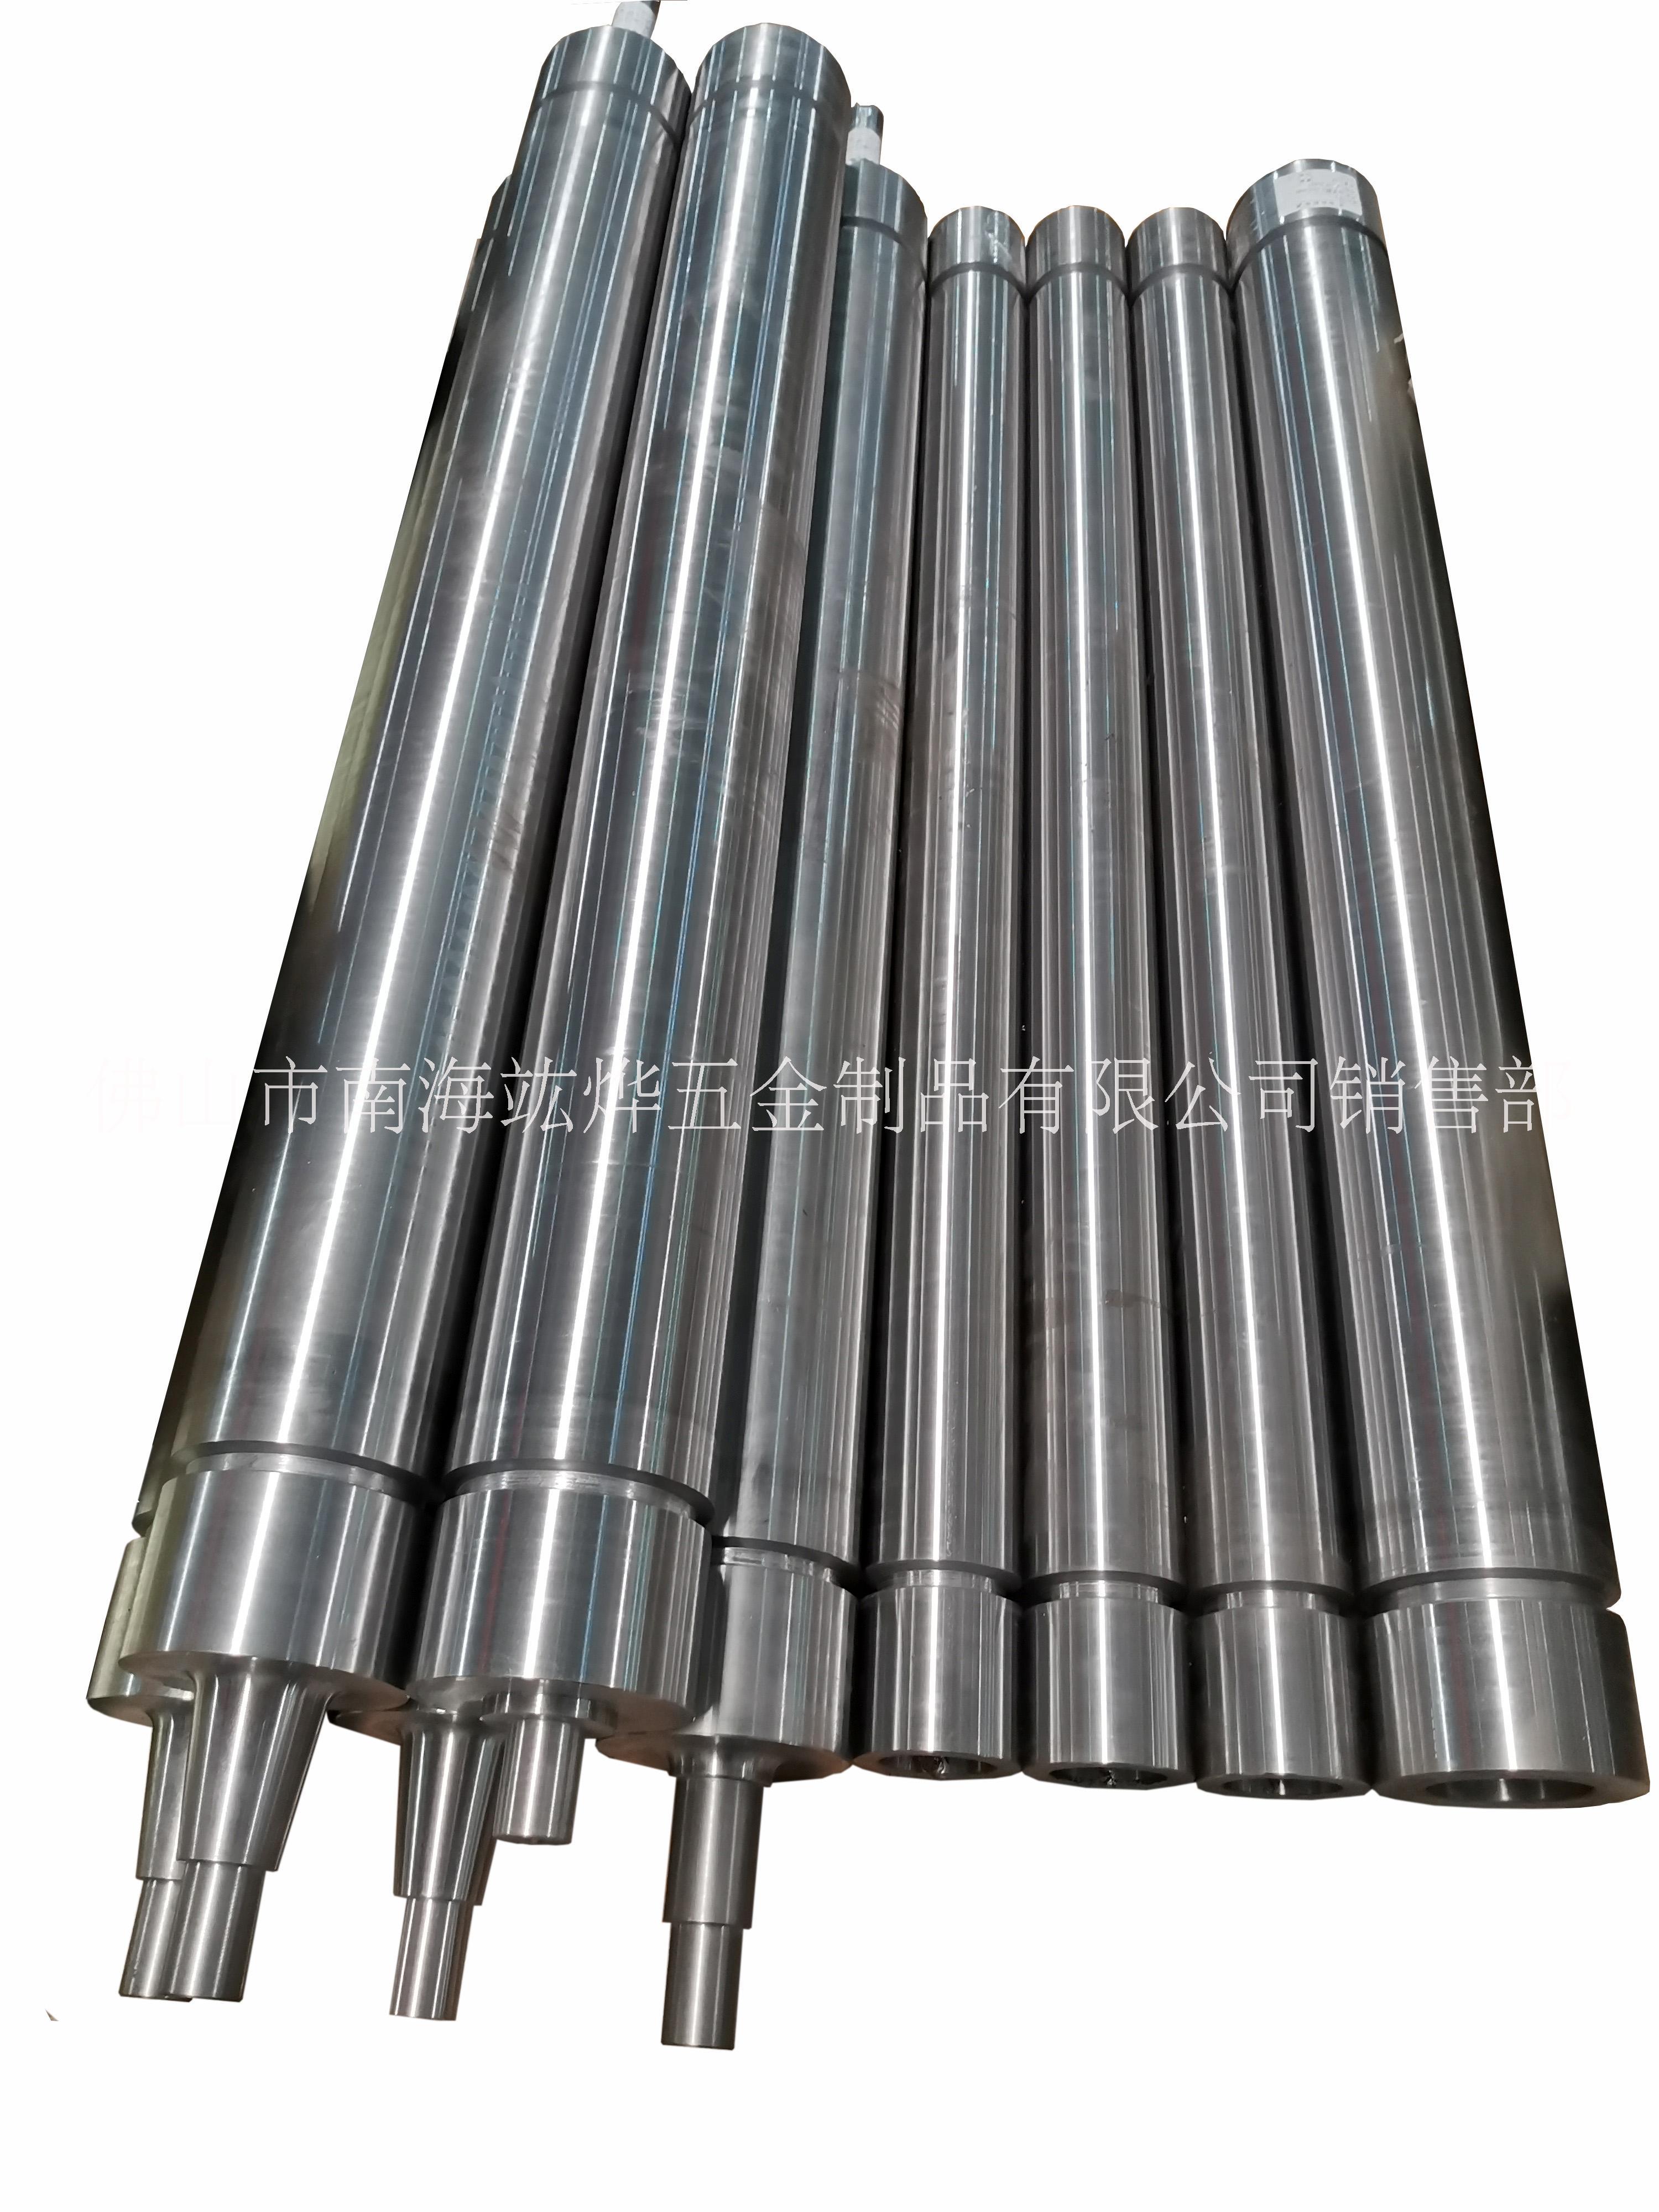 厂家直销 输送滚筒 铁滚筒定制滚筒 代加工